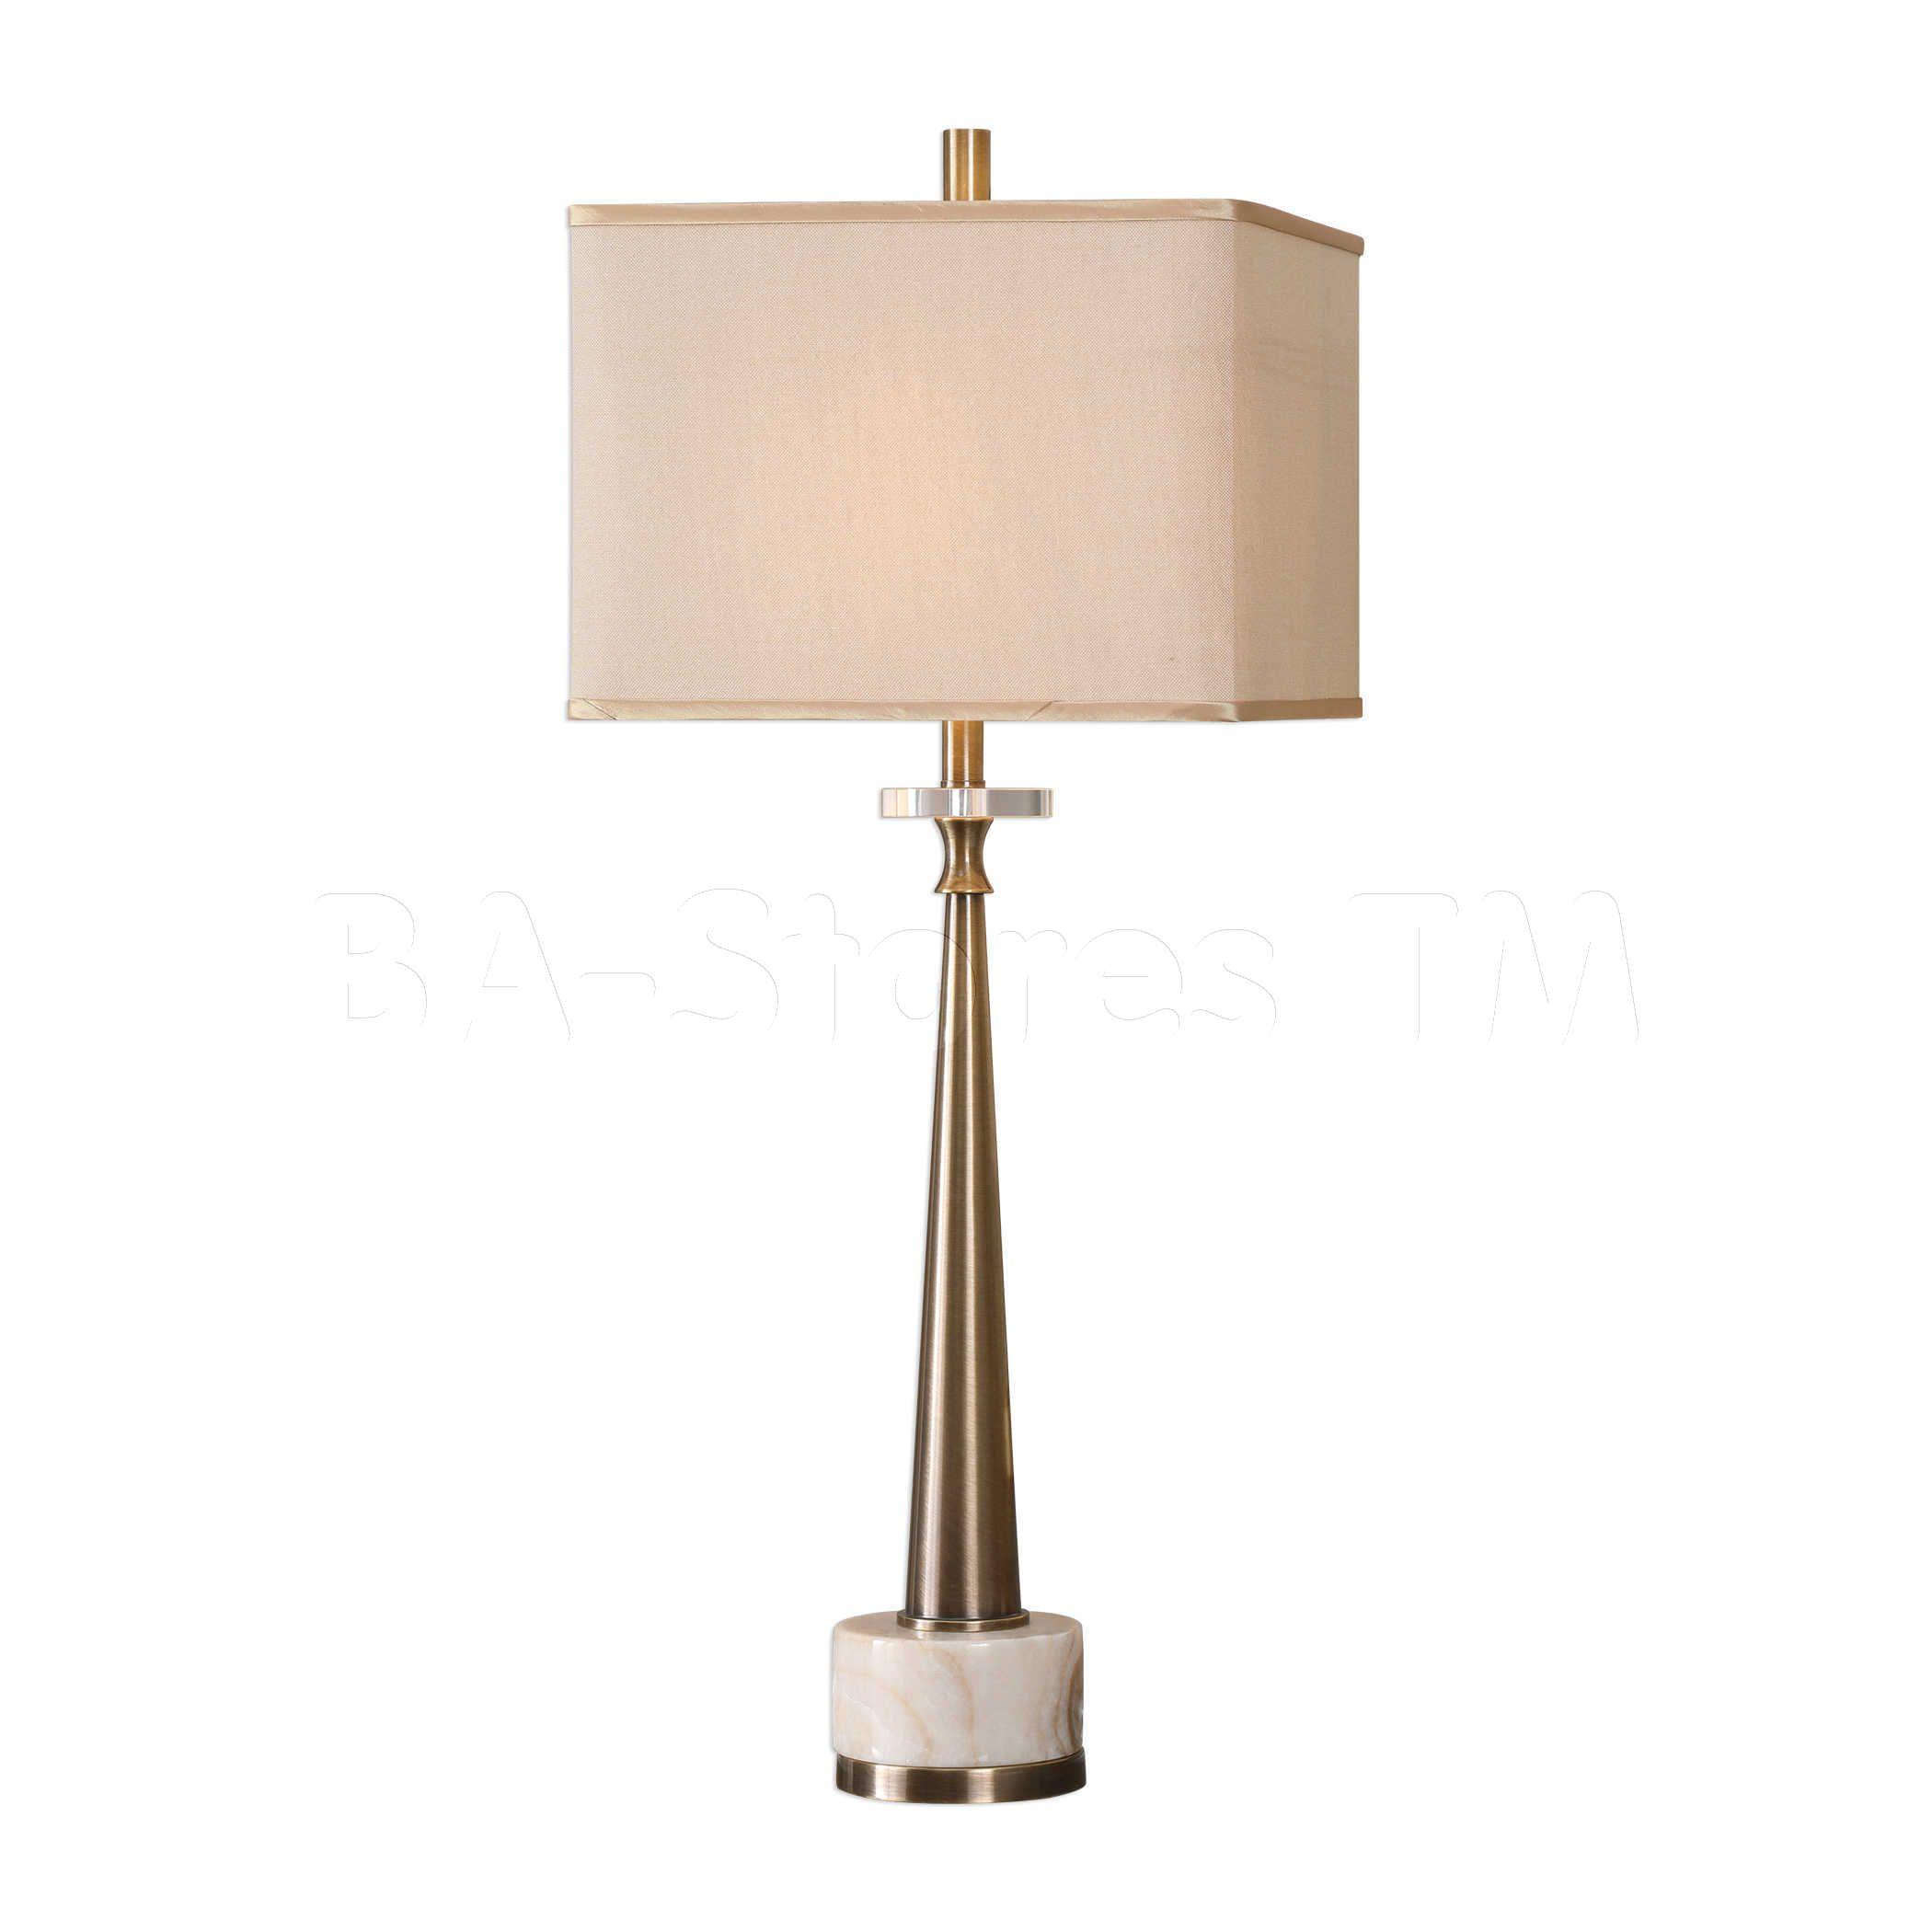 Tisch Lampe Teile Glas Lampen Farbtone Batterie Betriebenen Lampen Seil Tisch Lampe Bauernbuffet Lampen Lampe Lampen Buffet Tisch